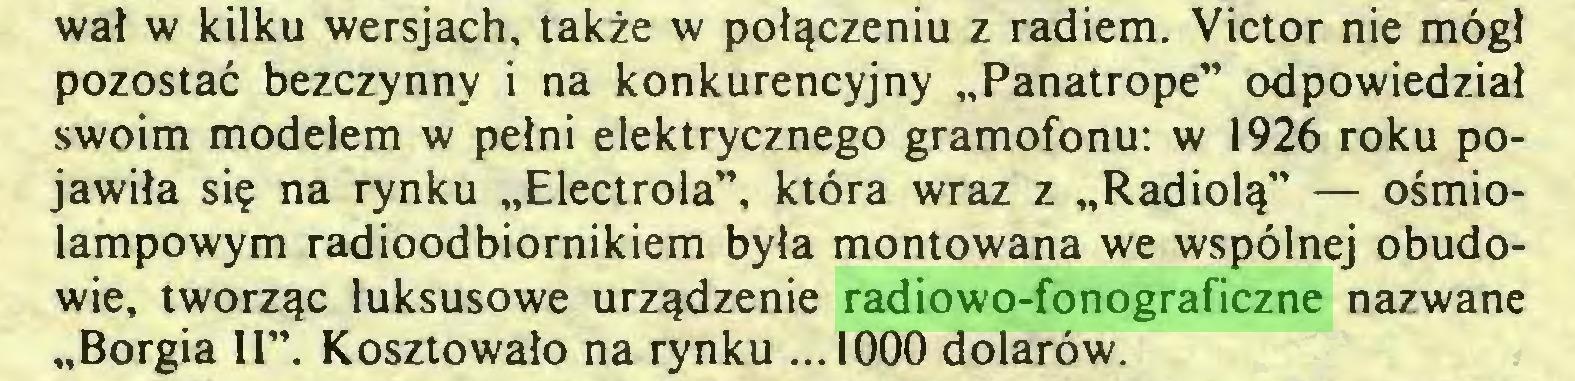 """(...) wał w kilku wersjach, także w połączeniu z radiem. Victor nie mógł pozostać bezczynny i na konkurencyjny """"Panatrope"""" odpowiedział swoim modelem w pełni elektrycznego gramofonu: w 1926 roku pojawiła się na rynku """"Electrola"""", która wraz z """"Radiolą"""" — ośmiolampowym radioodbiornikiem była montowana we wspólnej obudowie, tworząc luksusowe urządzenie radiowo-fonograficzne nazwane """"Borgia II"""". Kosztowało na rynku ...1000 dolarów..."""